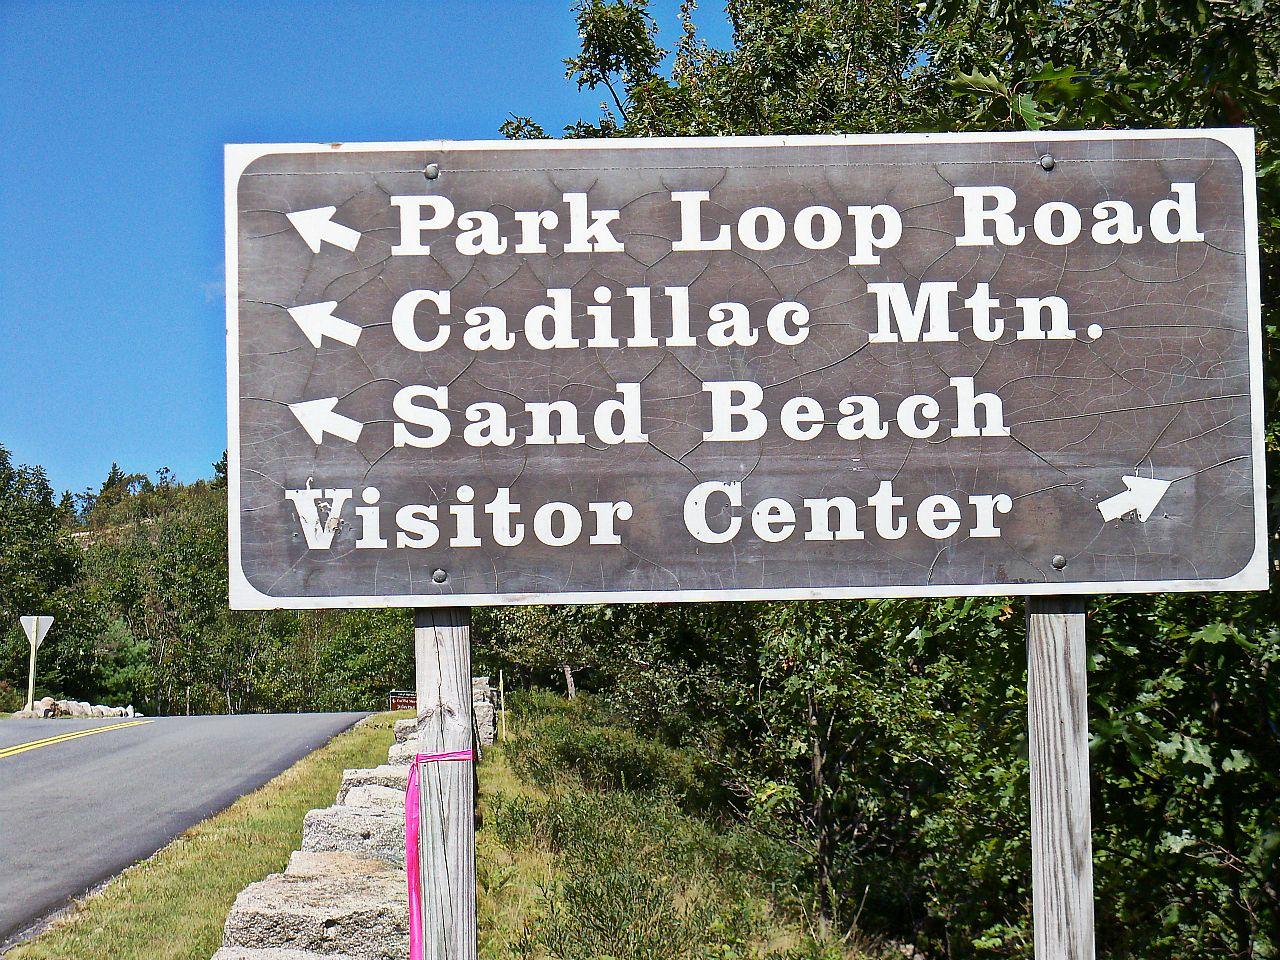 ACADIA_NATIONAL_PARK_SIGN,_PARK_LOOP_ROAD.jpg